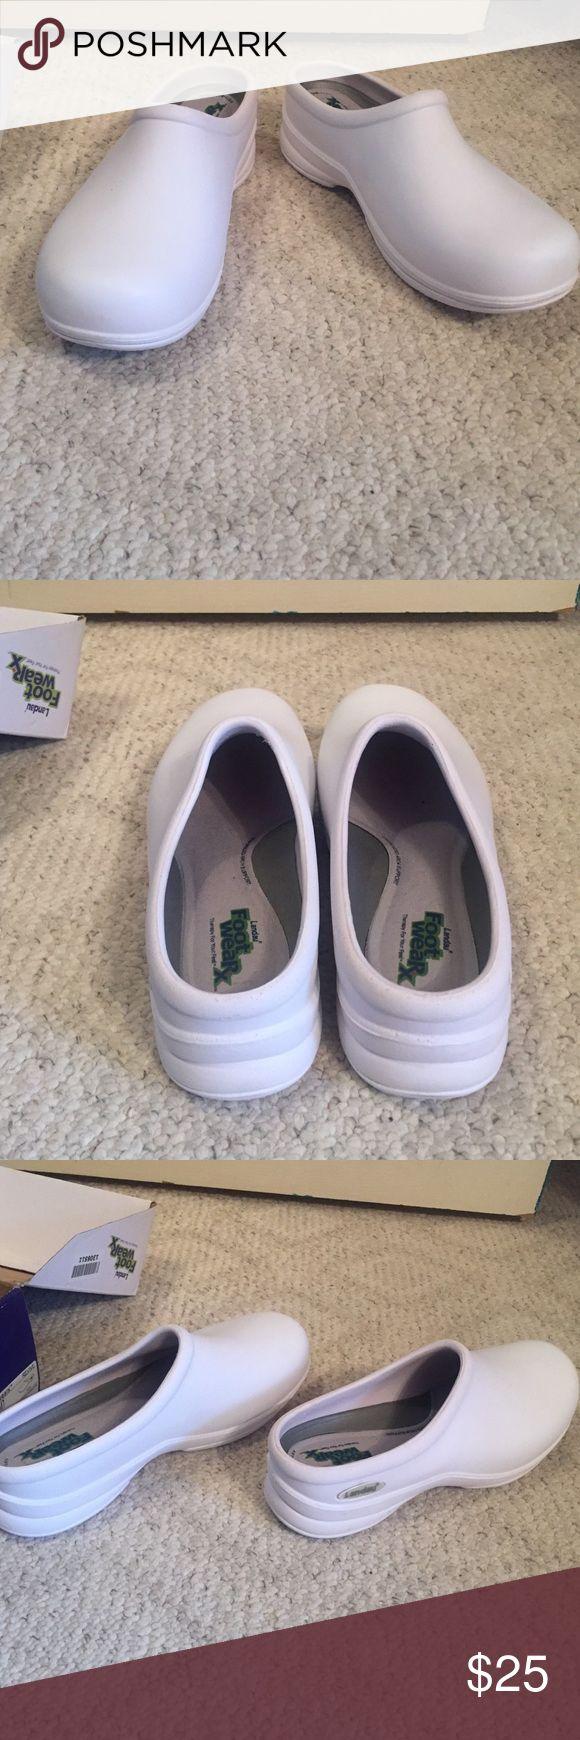 nursing shoes near me 28 images nursing shoes near me